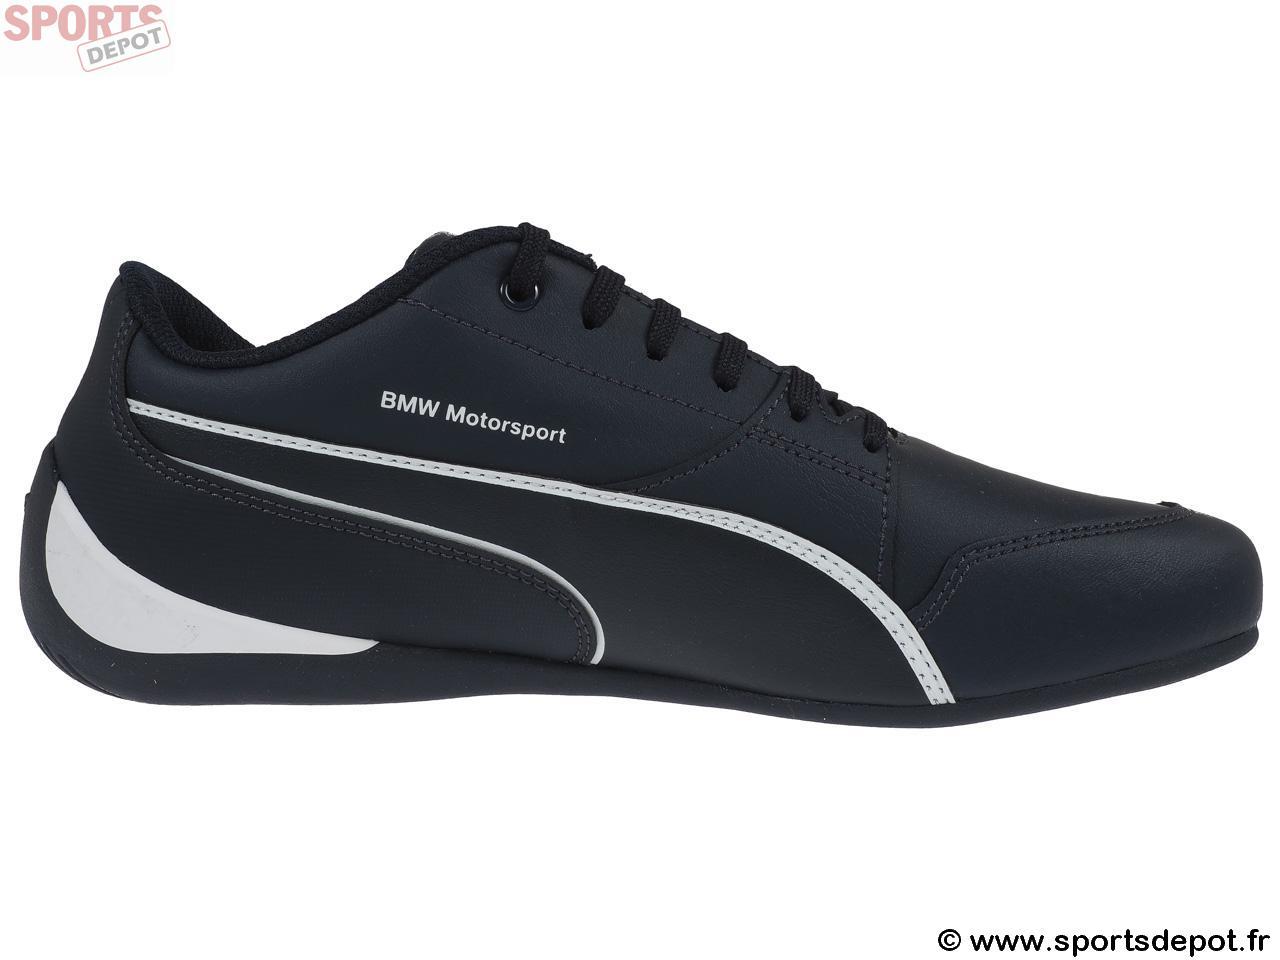 cdcd90a8183bd Acheter Chaussures mode ville PUMA Bmw drift cat 7 nv jr - Enfant ...